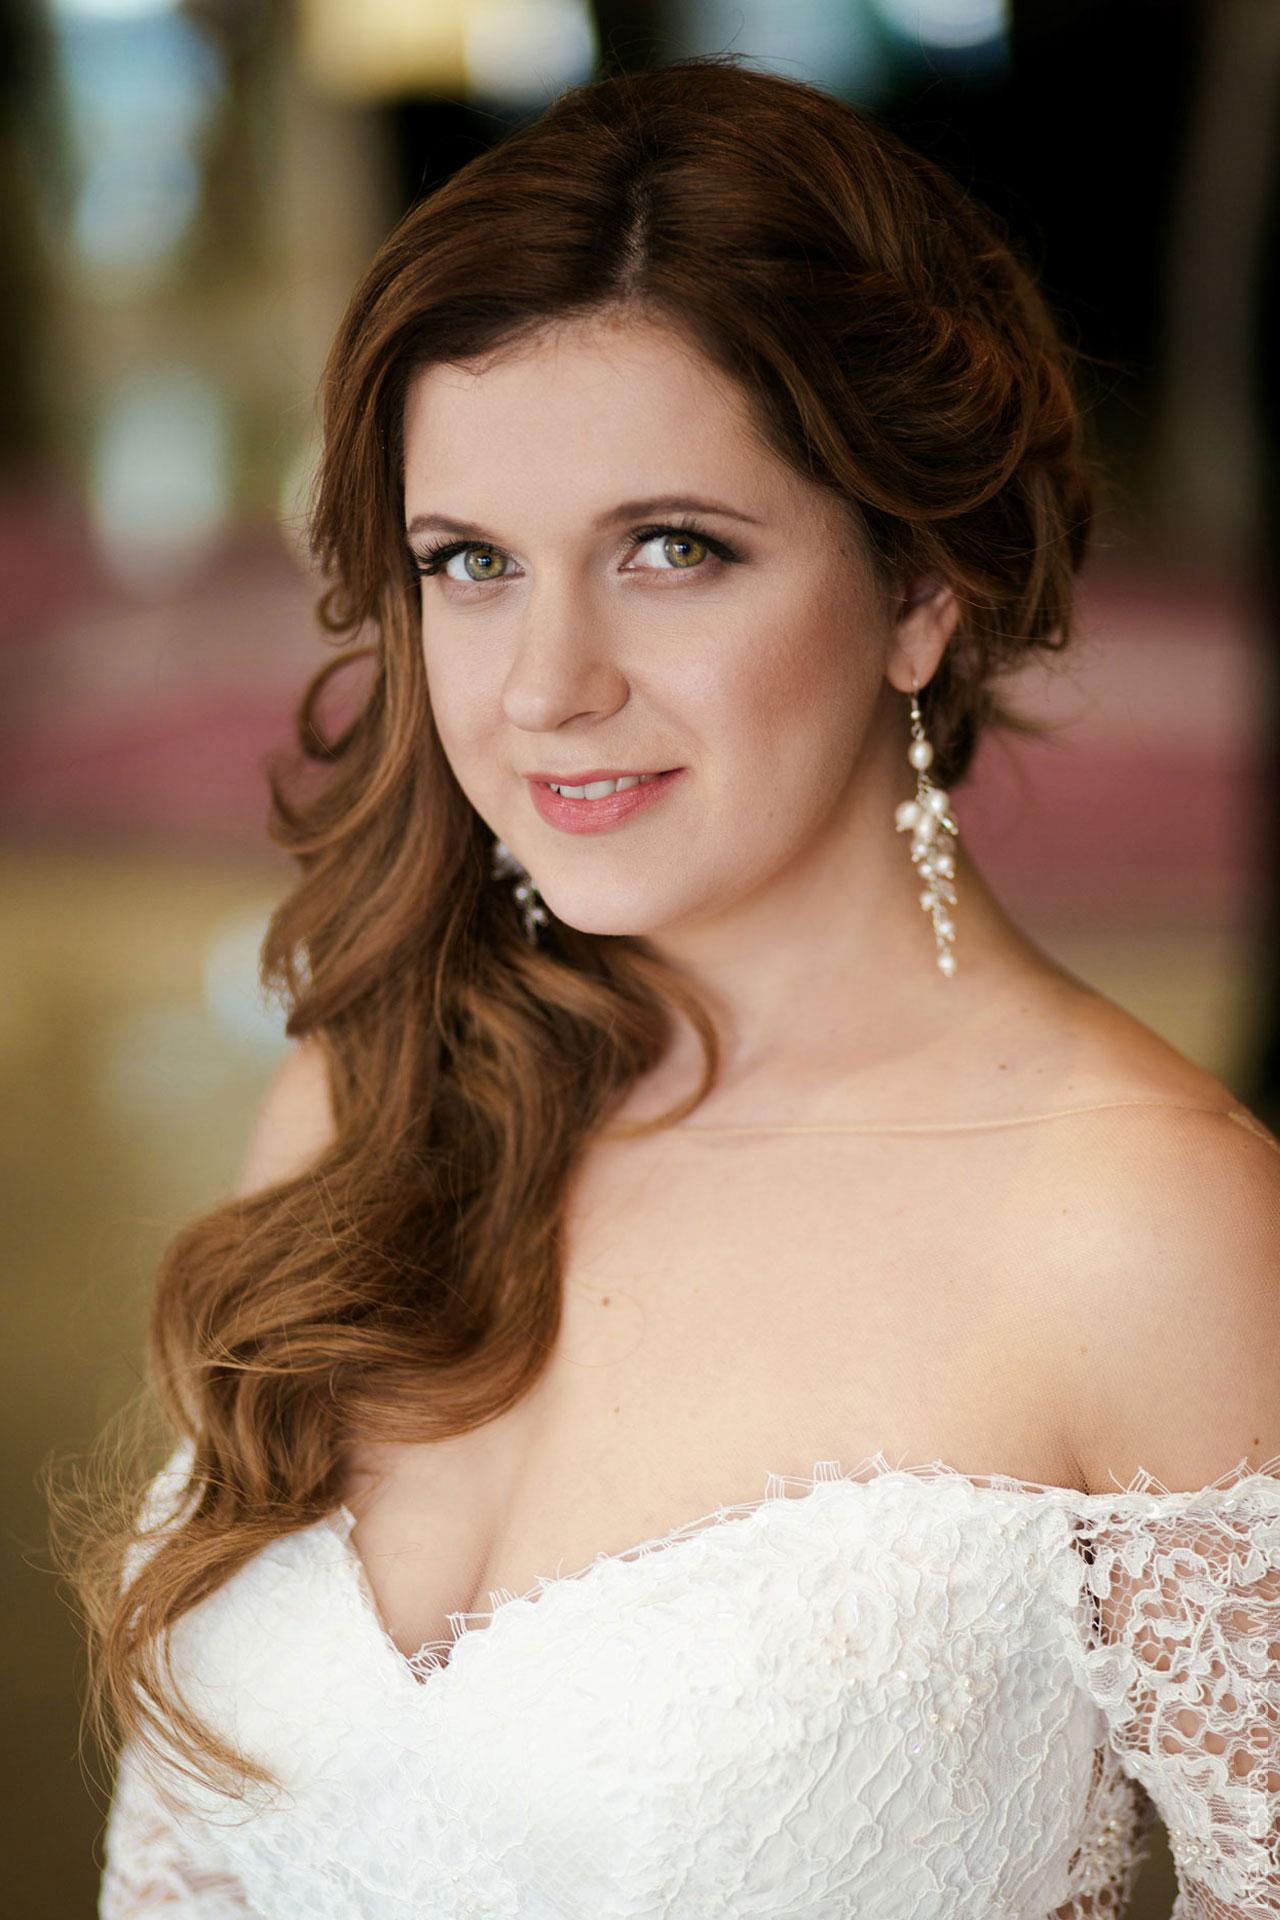 Анастасия Денисова выбирает образ для своей свадьбы фото 25